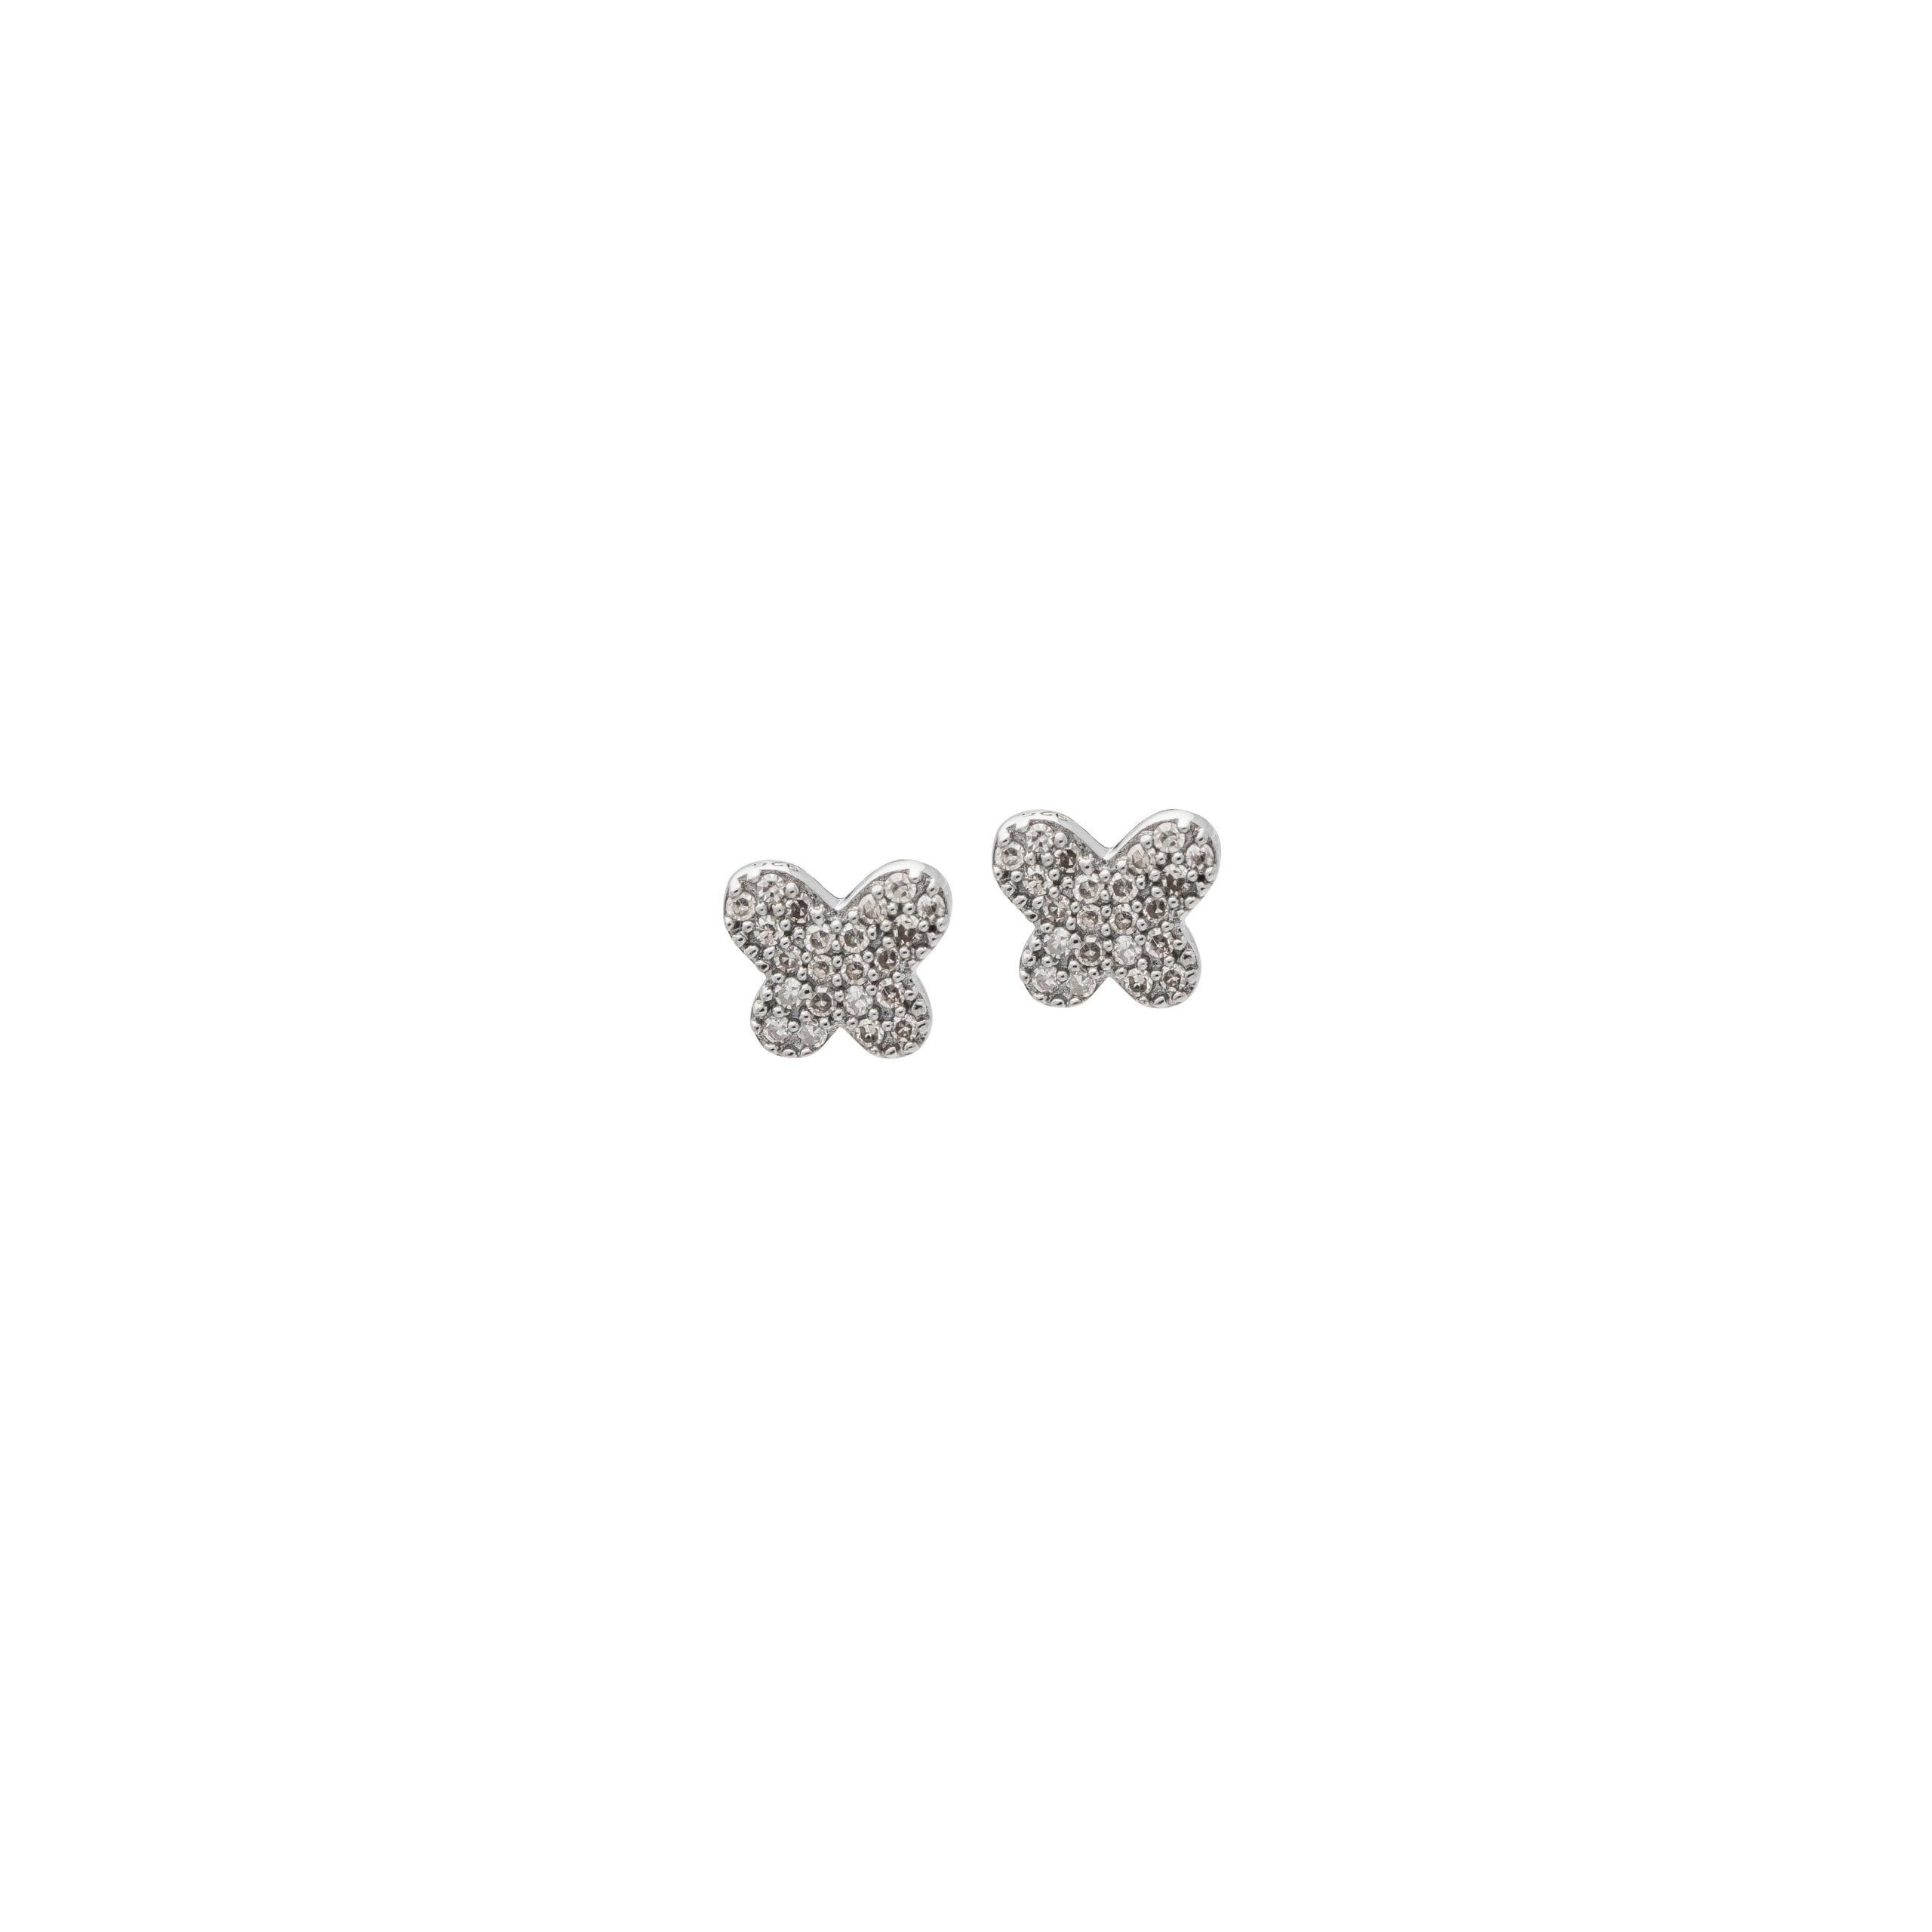 Tiny Pave Butterfly Studs Sterling Silver